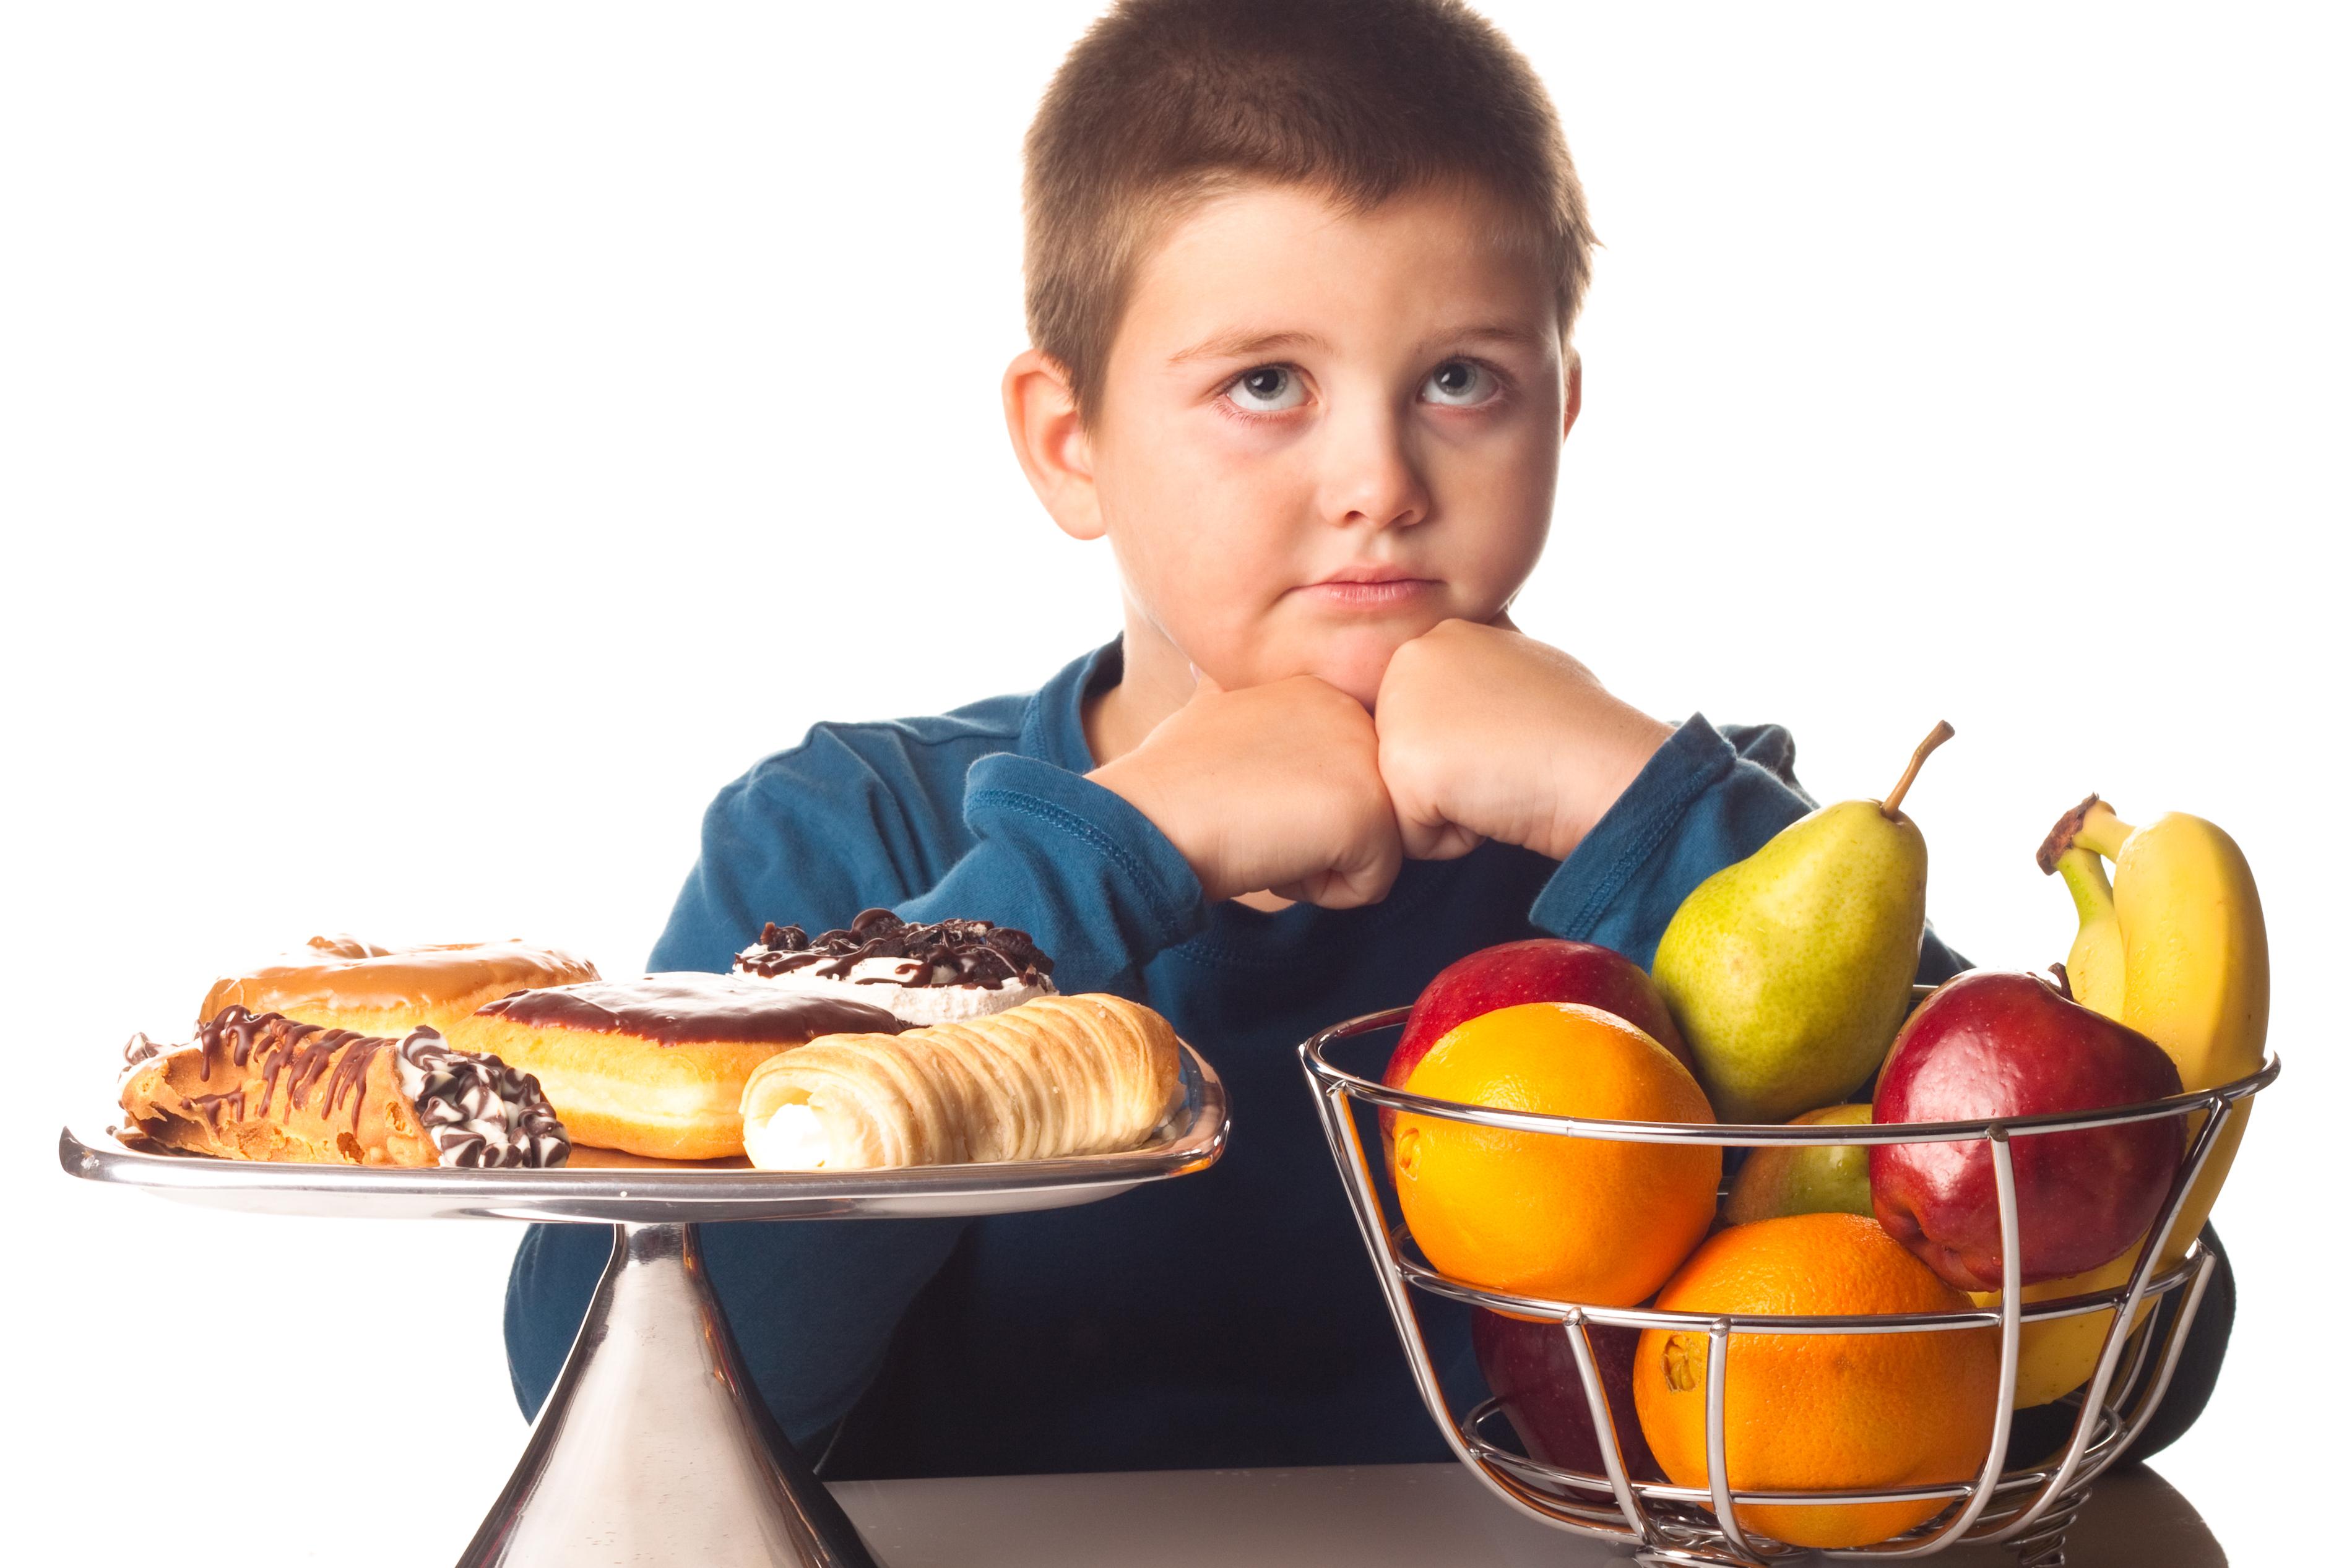 Obesidade de crianças e adolescentes aumentou 10 vezes desde 1975, diz estudo